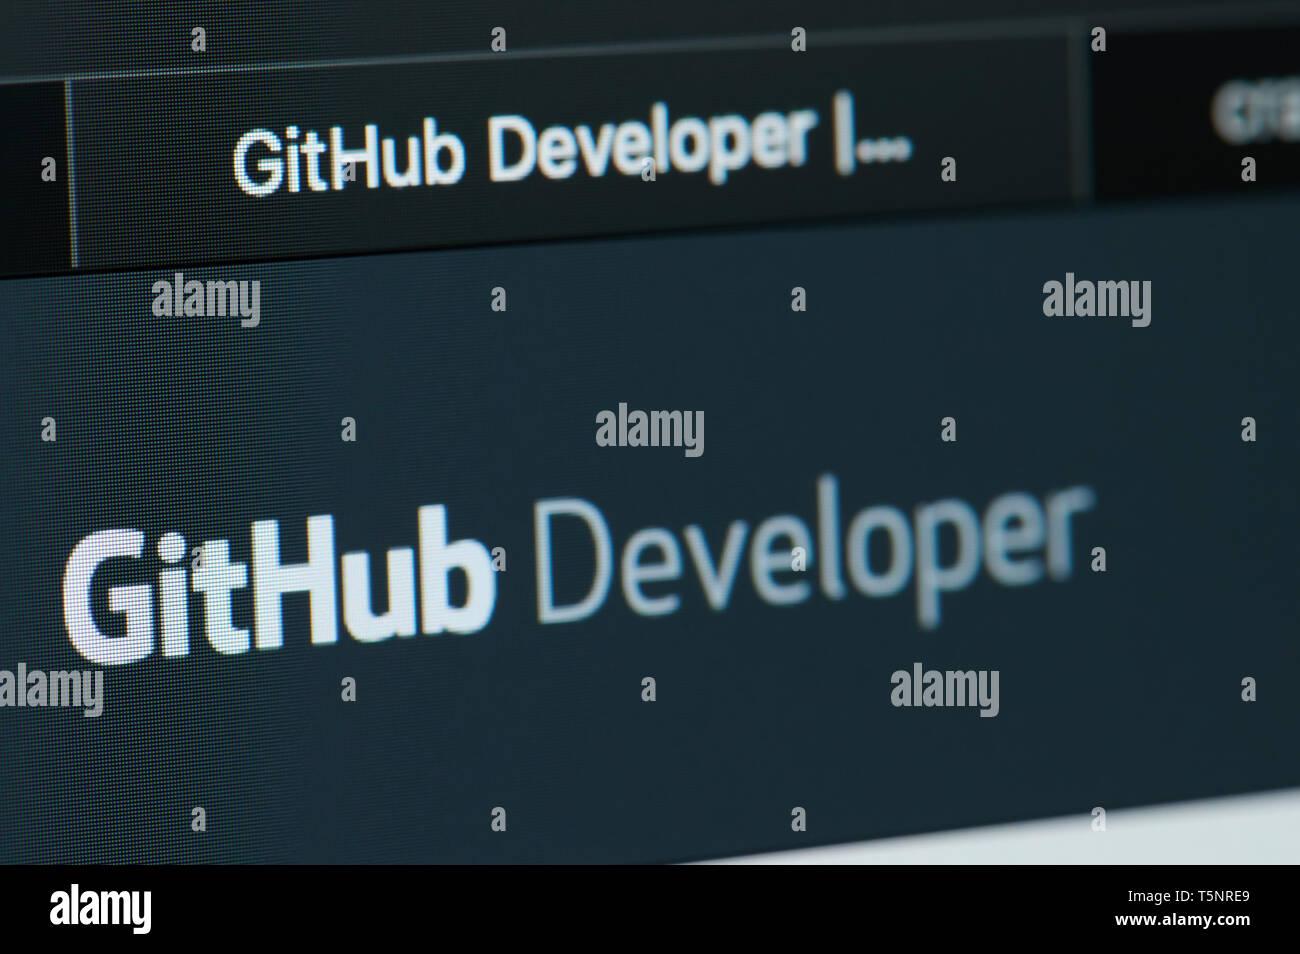 New york, USA - april 22, 2019: GitHub developer home page